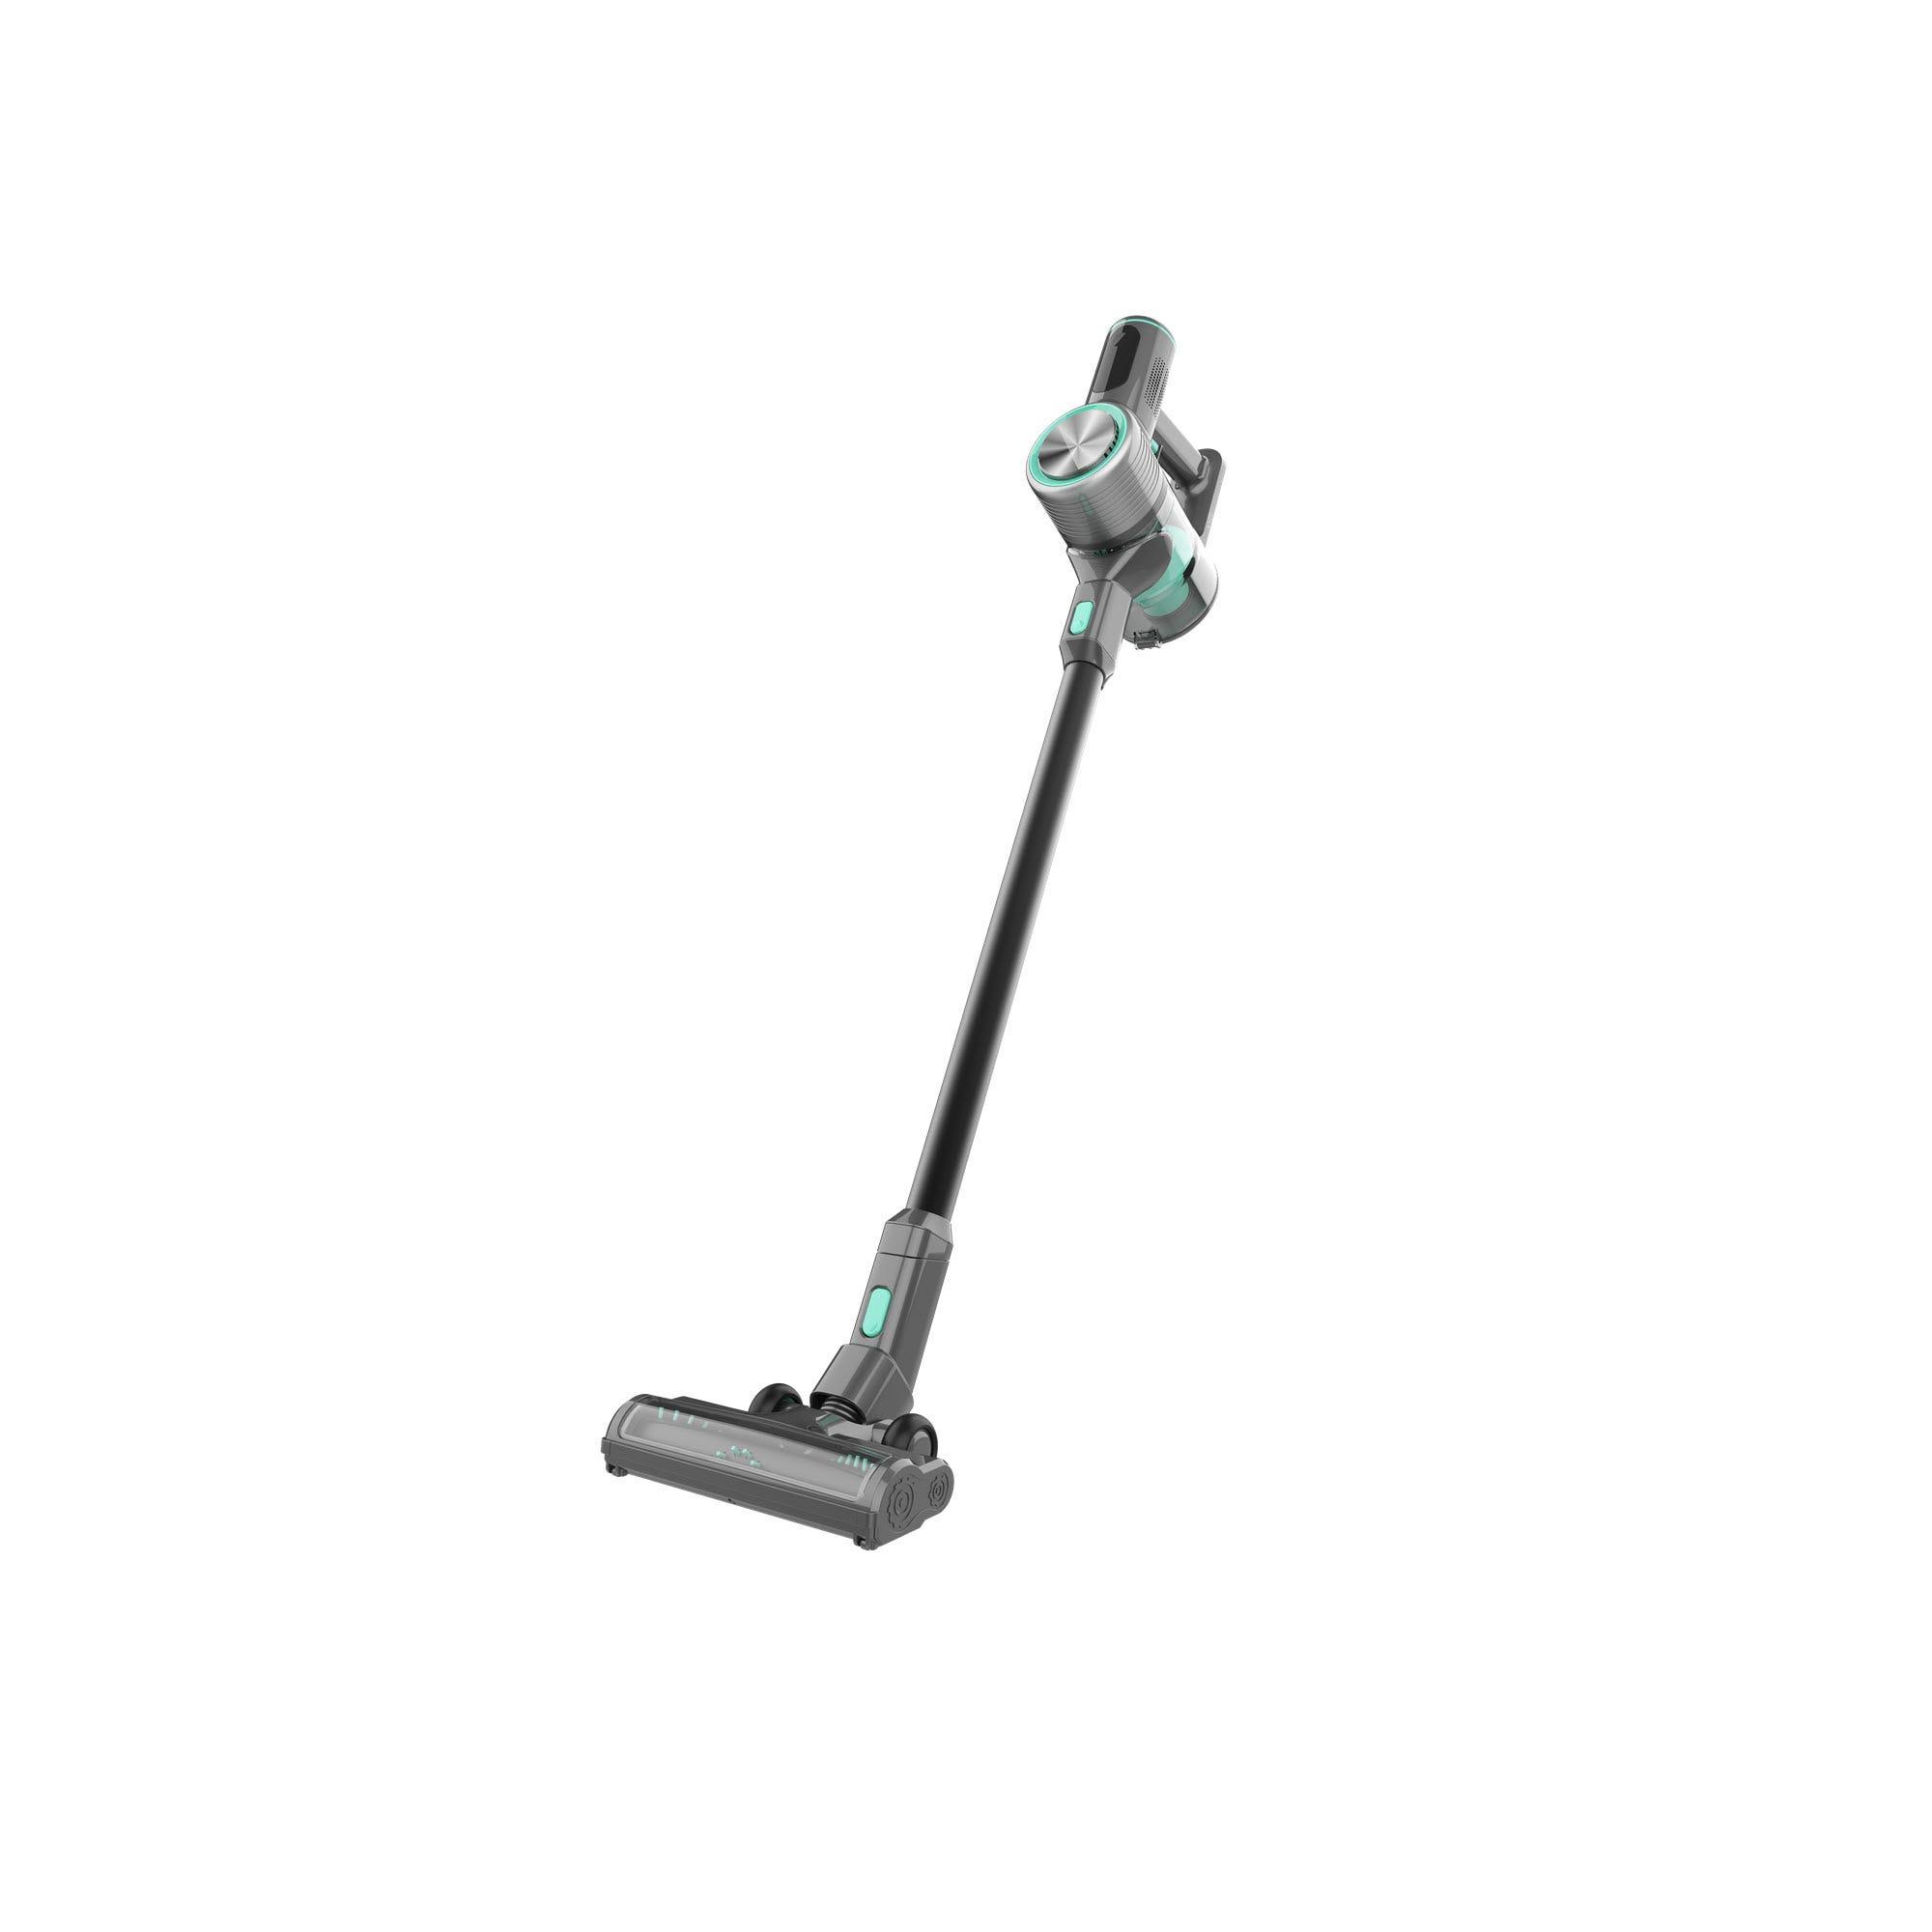 Wyze Cordless Vacuum